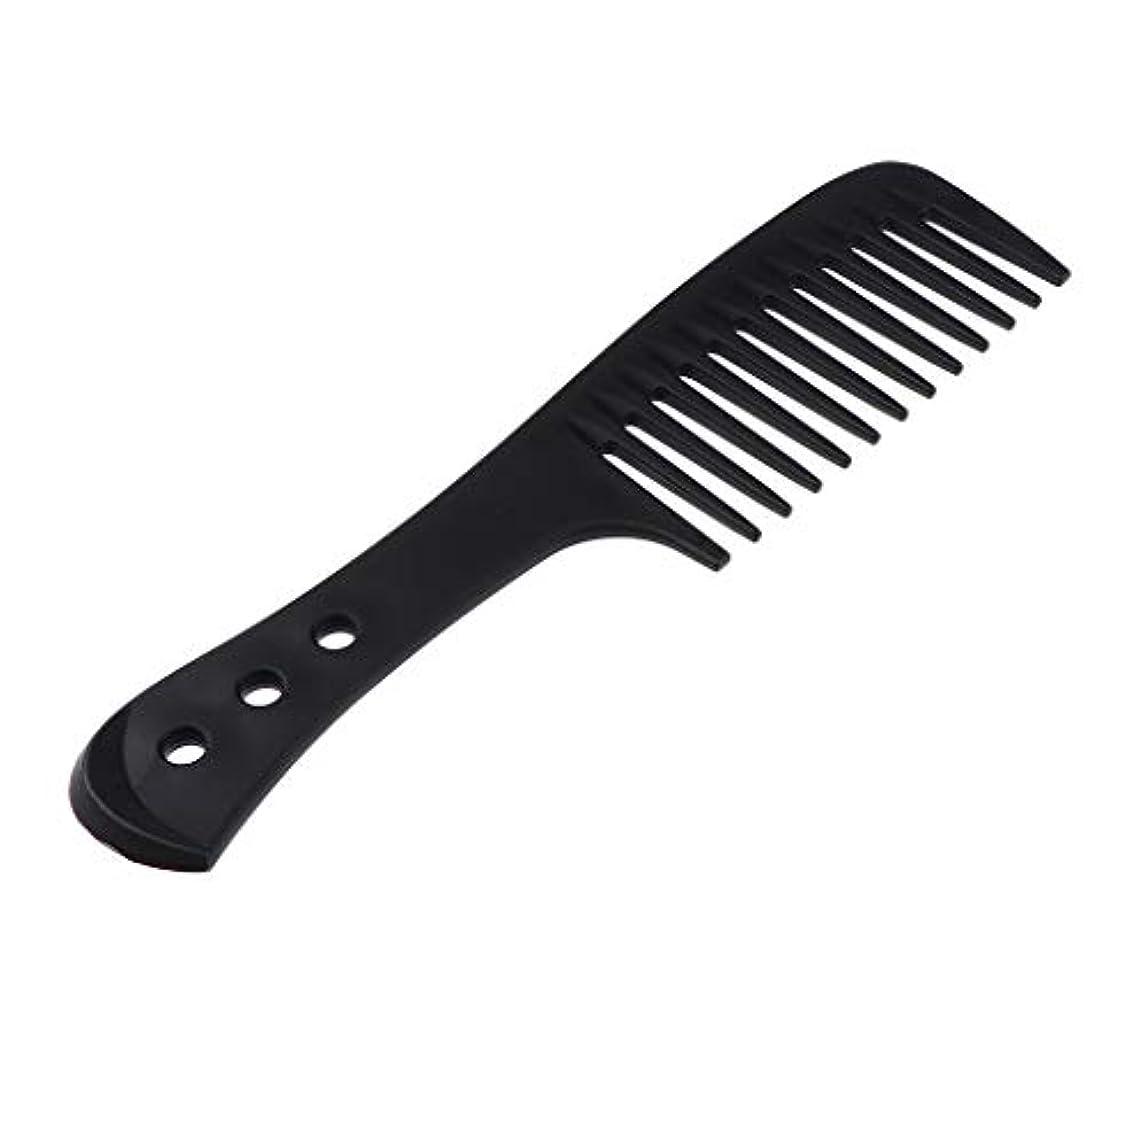 最悪スポンジ構成するT TOOYFUL ワイド歯ブラシ 美容整形 美容整形髪ブラシ 全4色 - ブラック